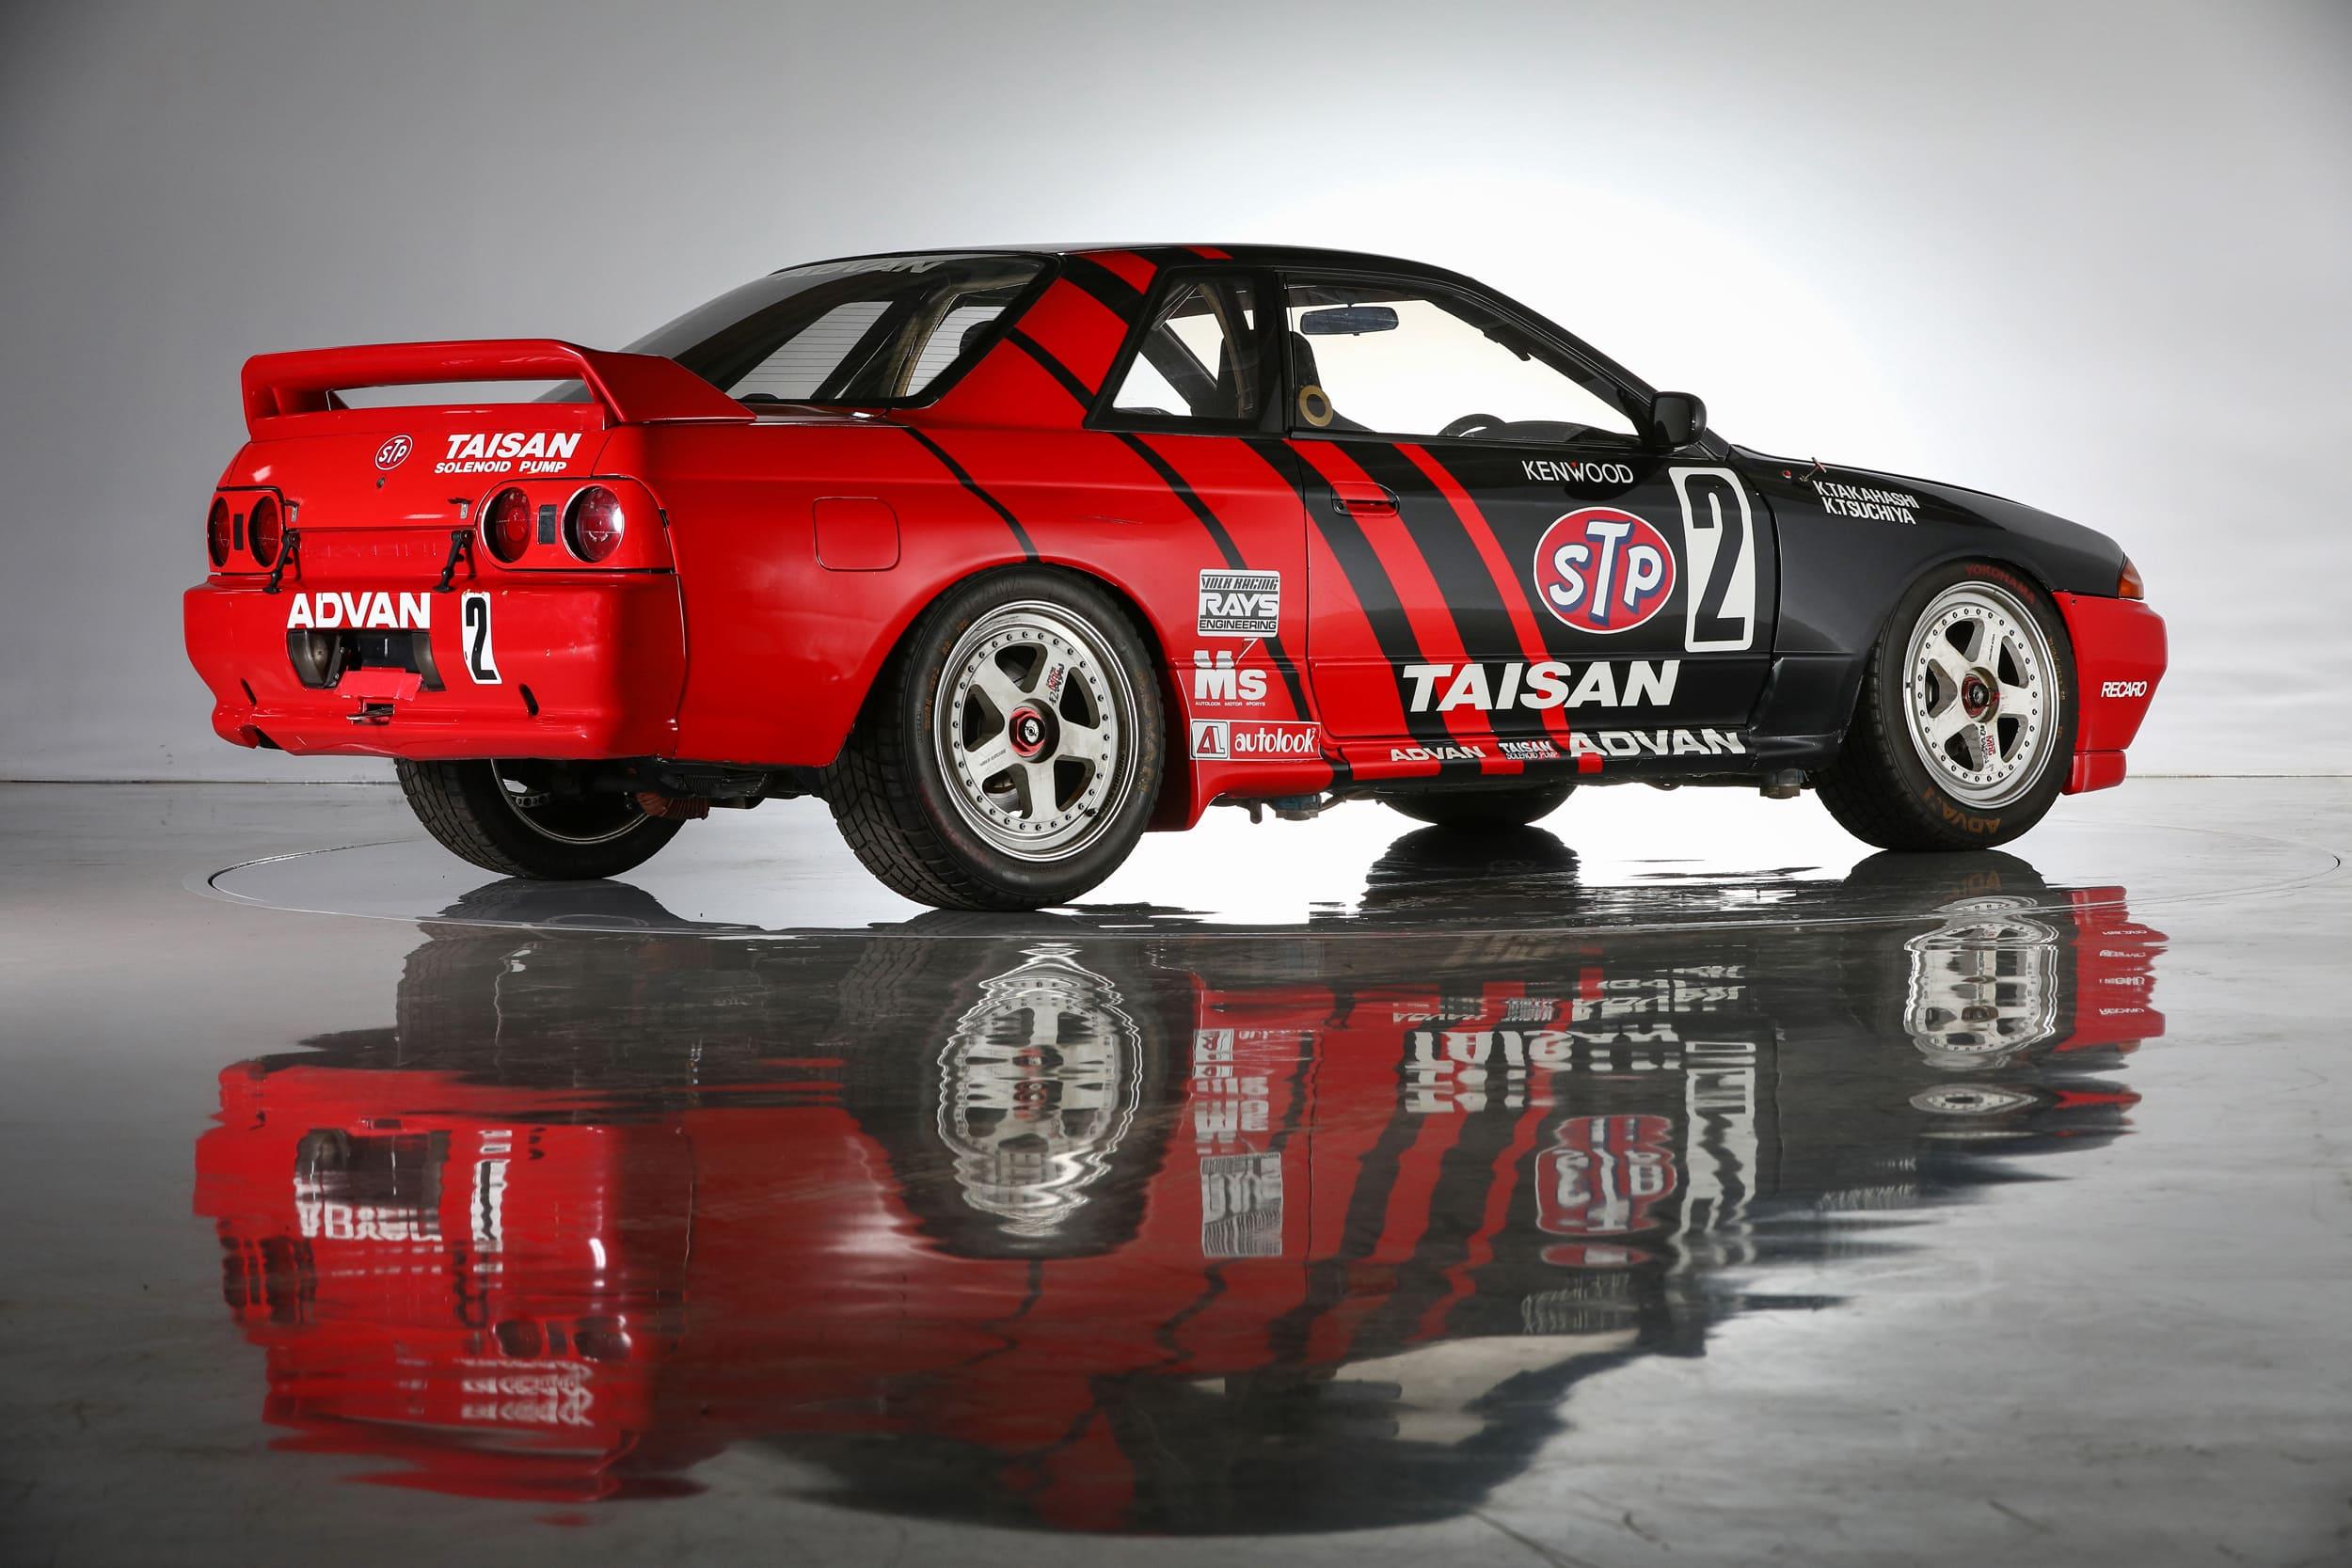 KIDNEY, ANYONE? Team Taisan R32 Skyline GT-R, a Drift King ...